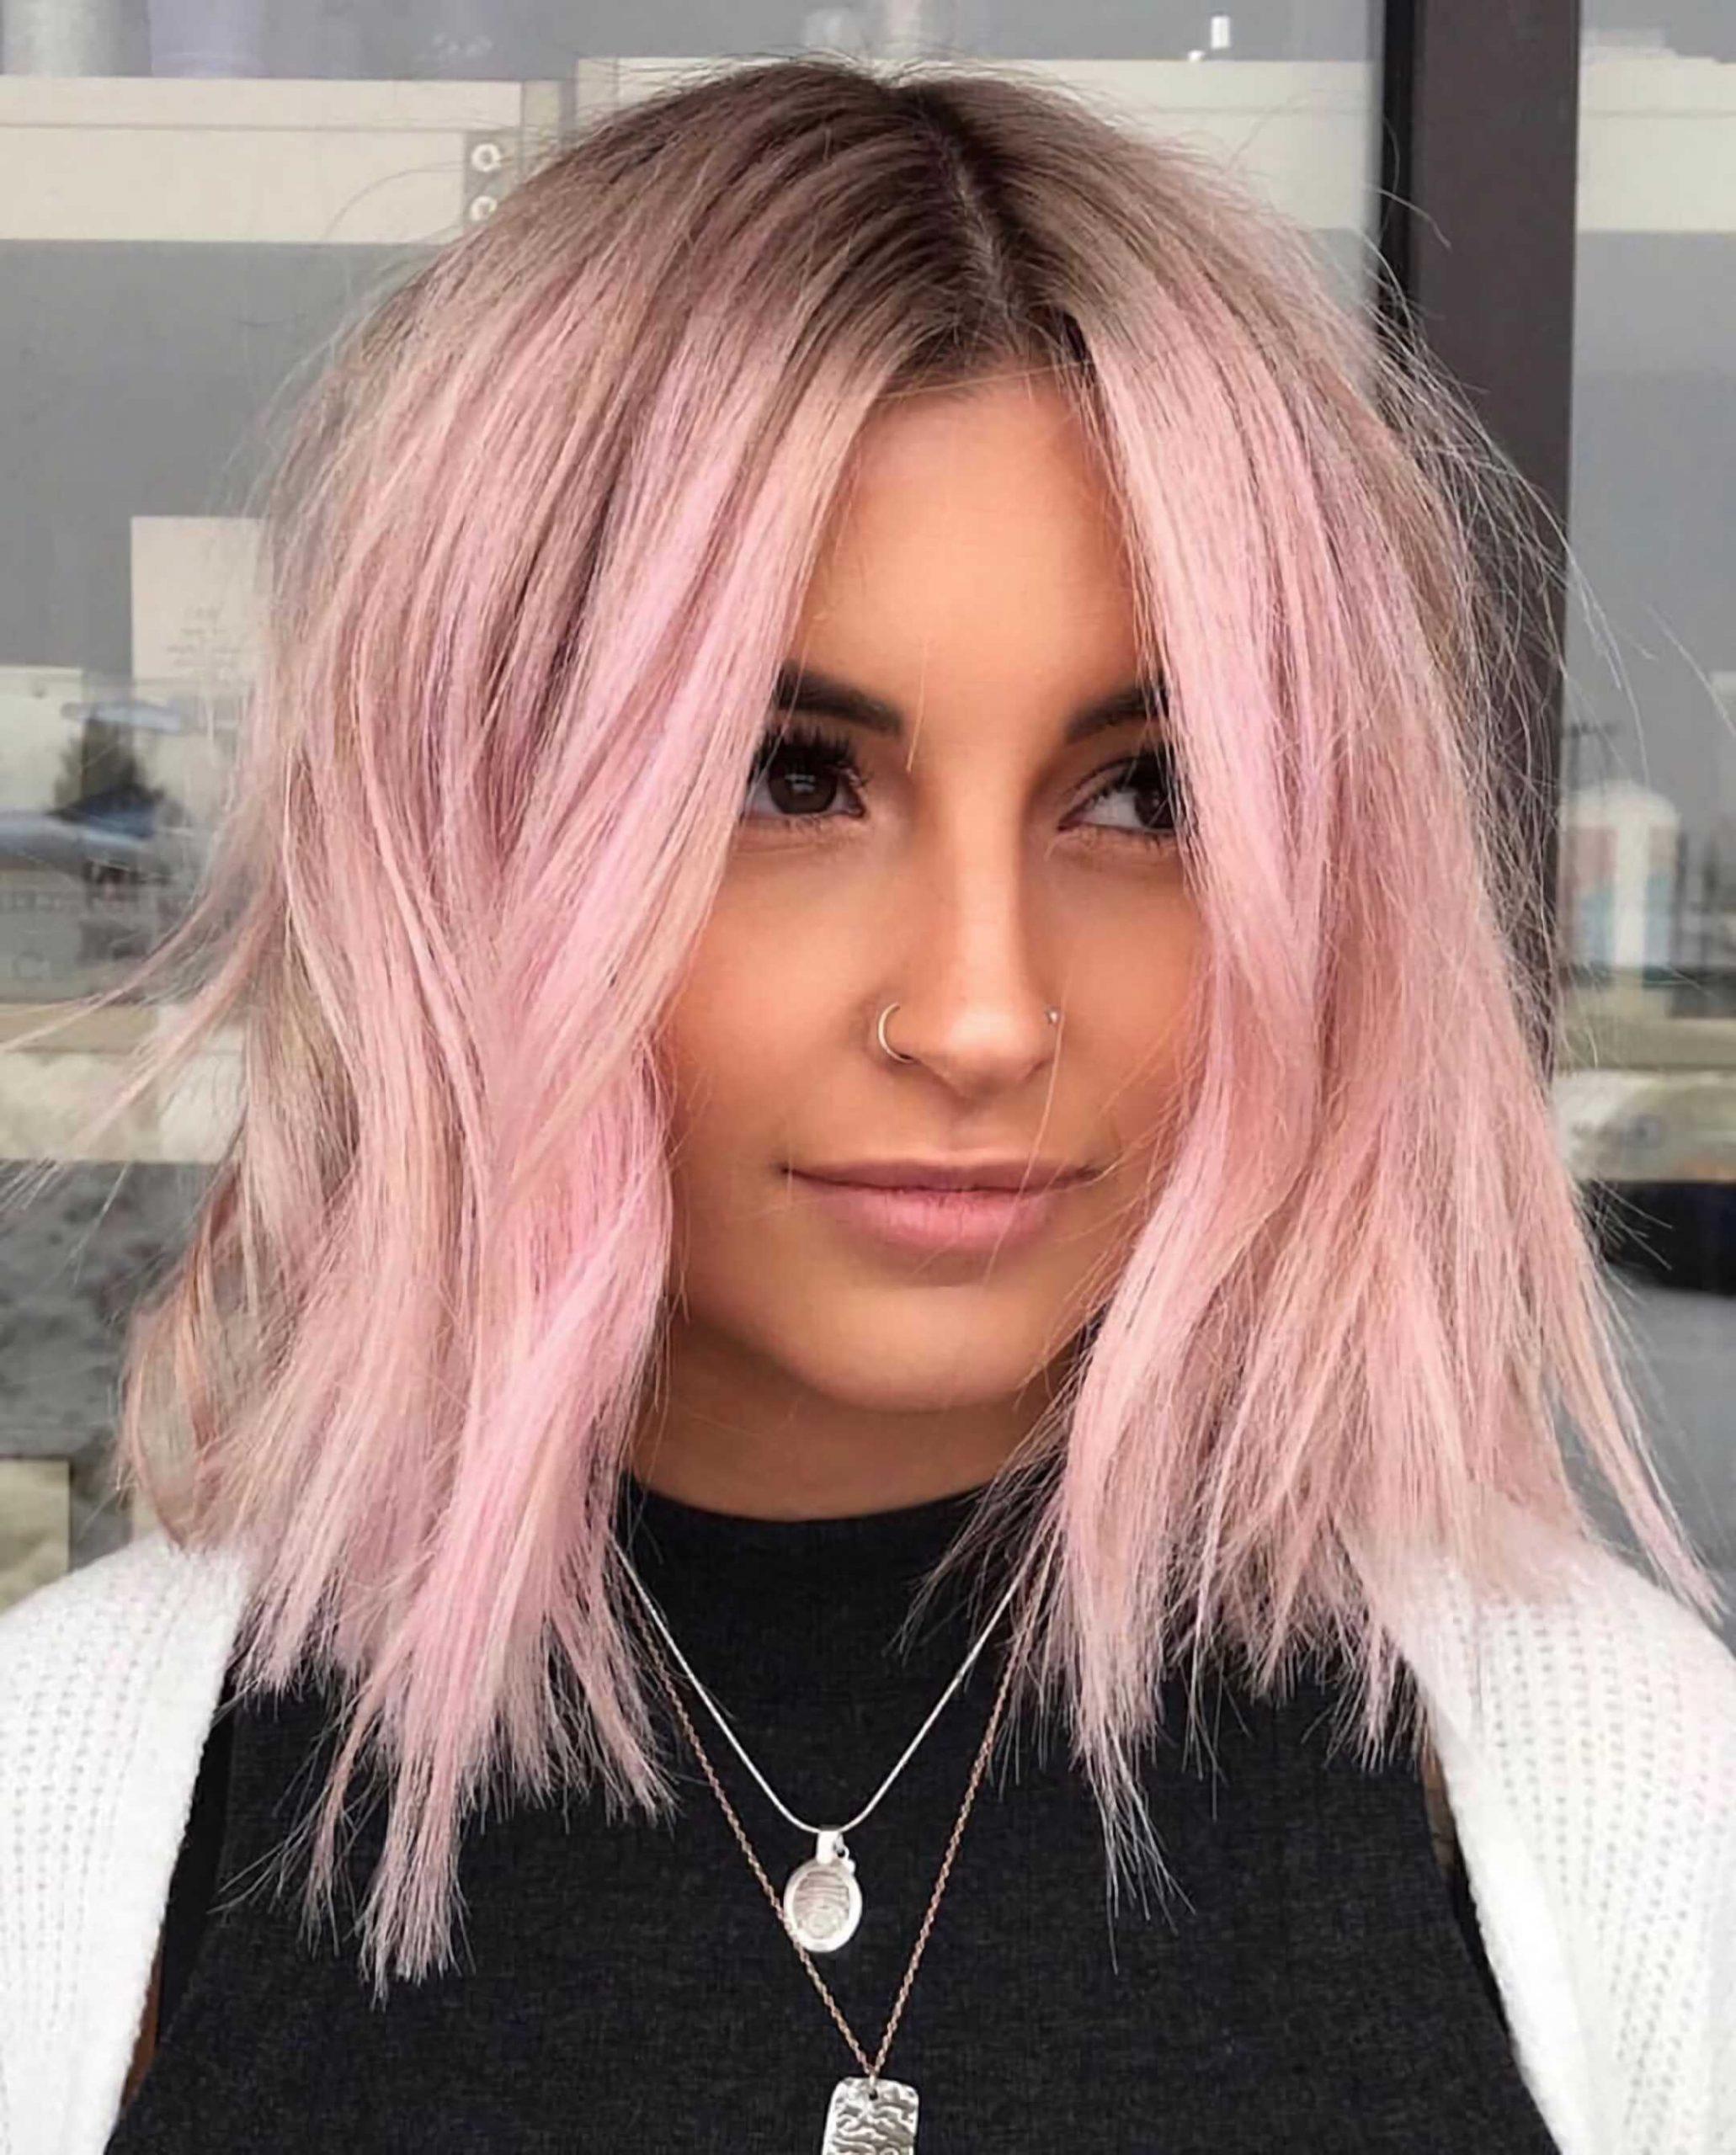 стильная стрижка на средние волосы с розовыми волосами